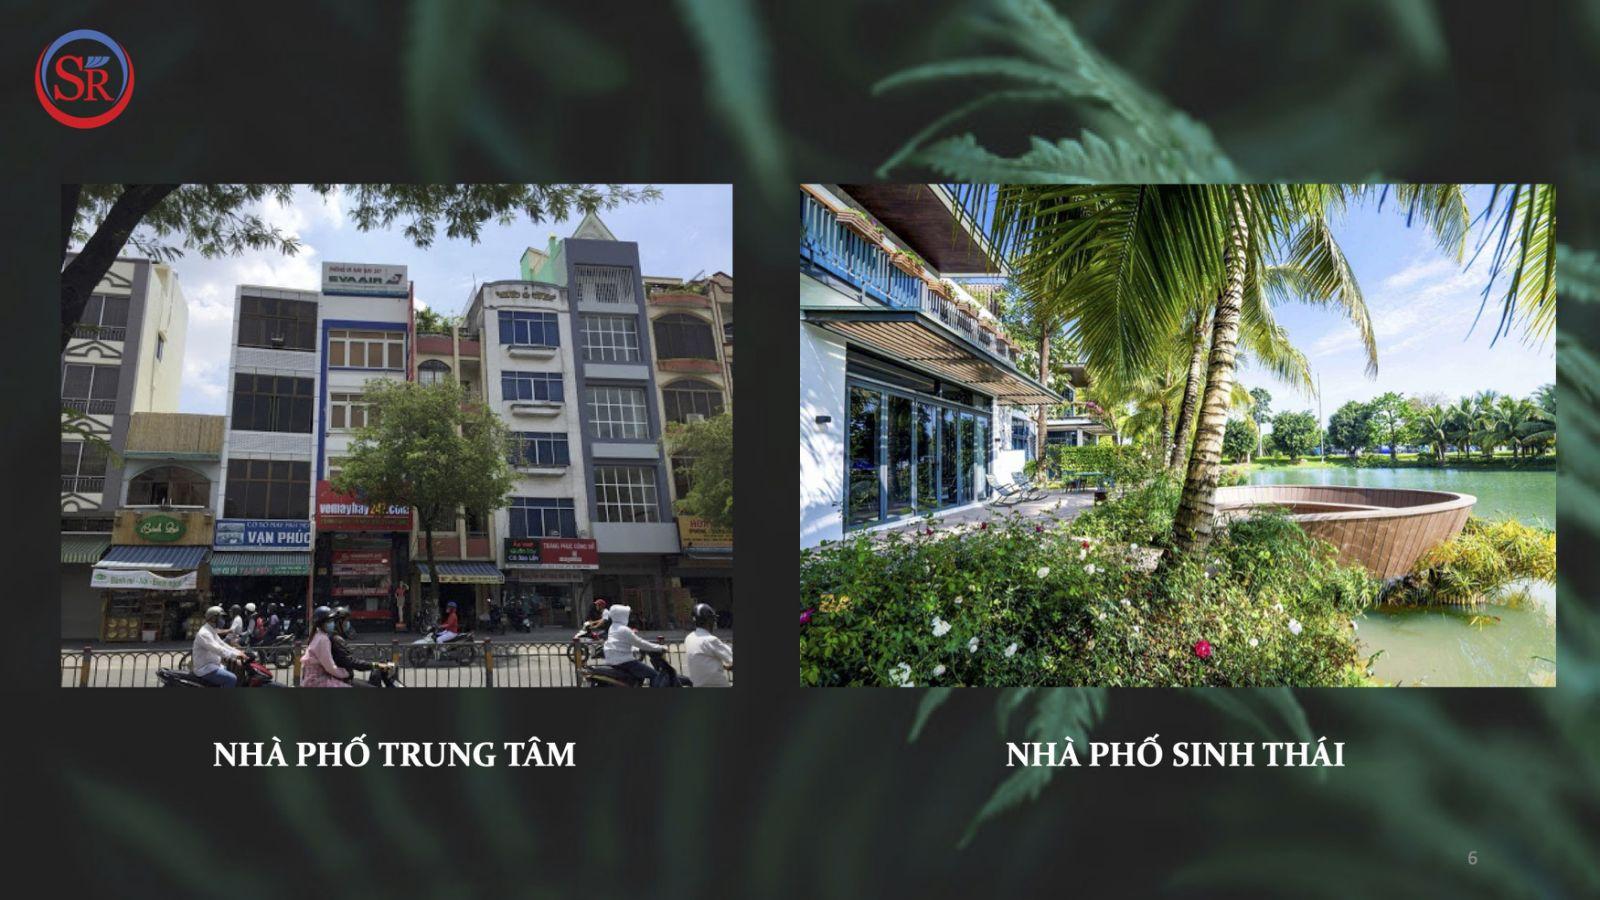 nha pho sinh thai aqua city